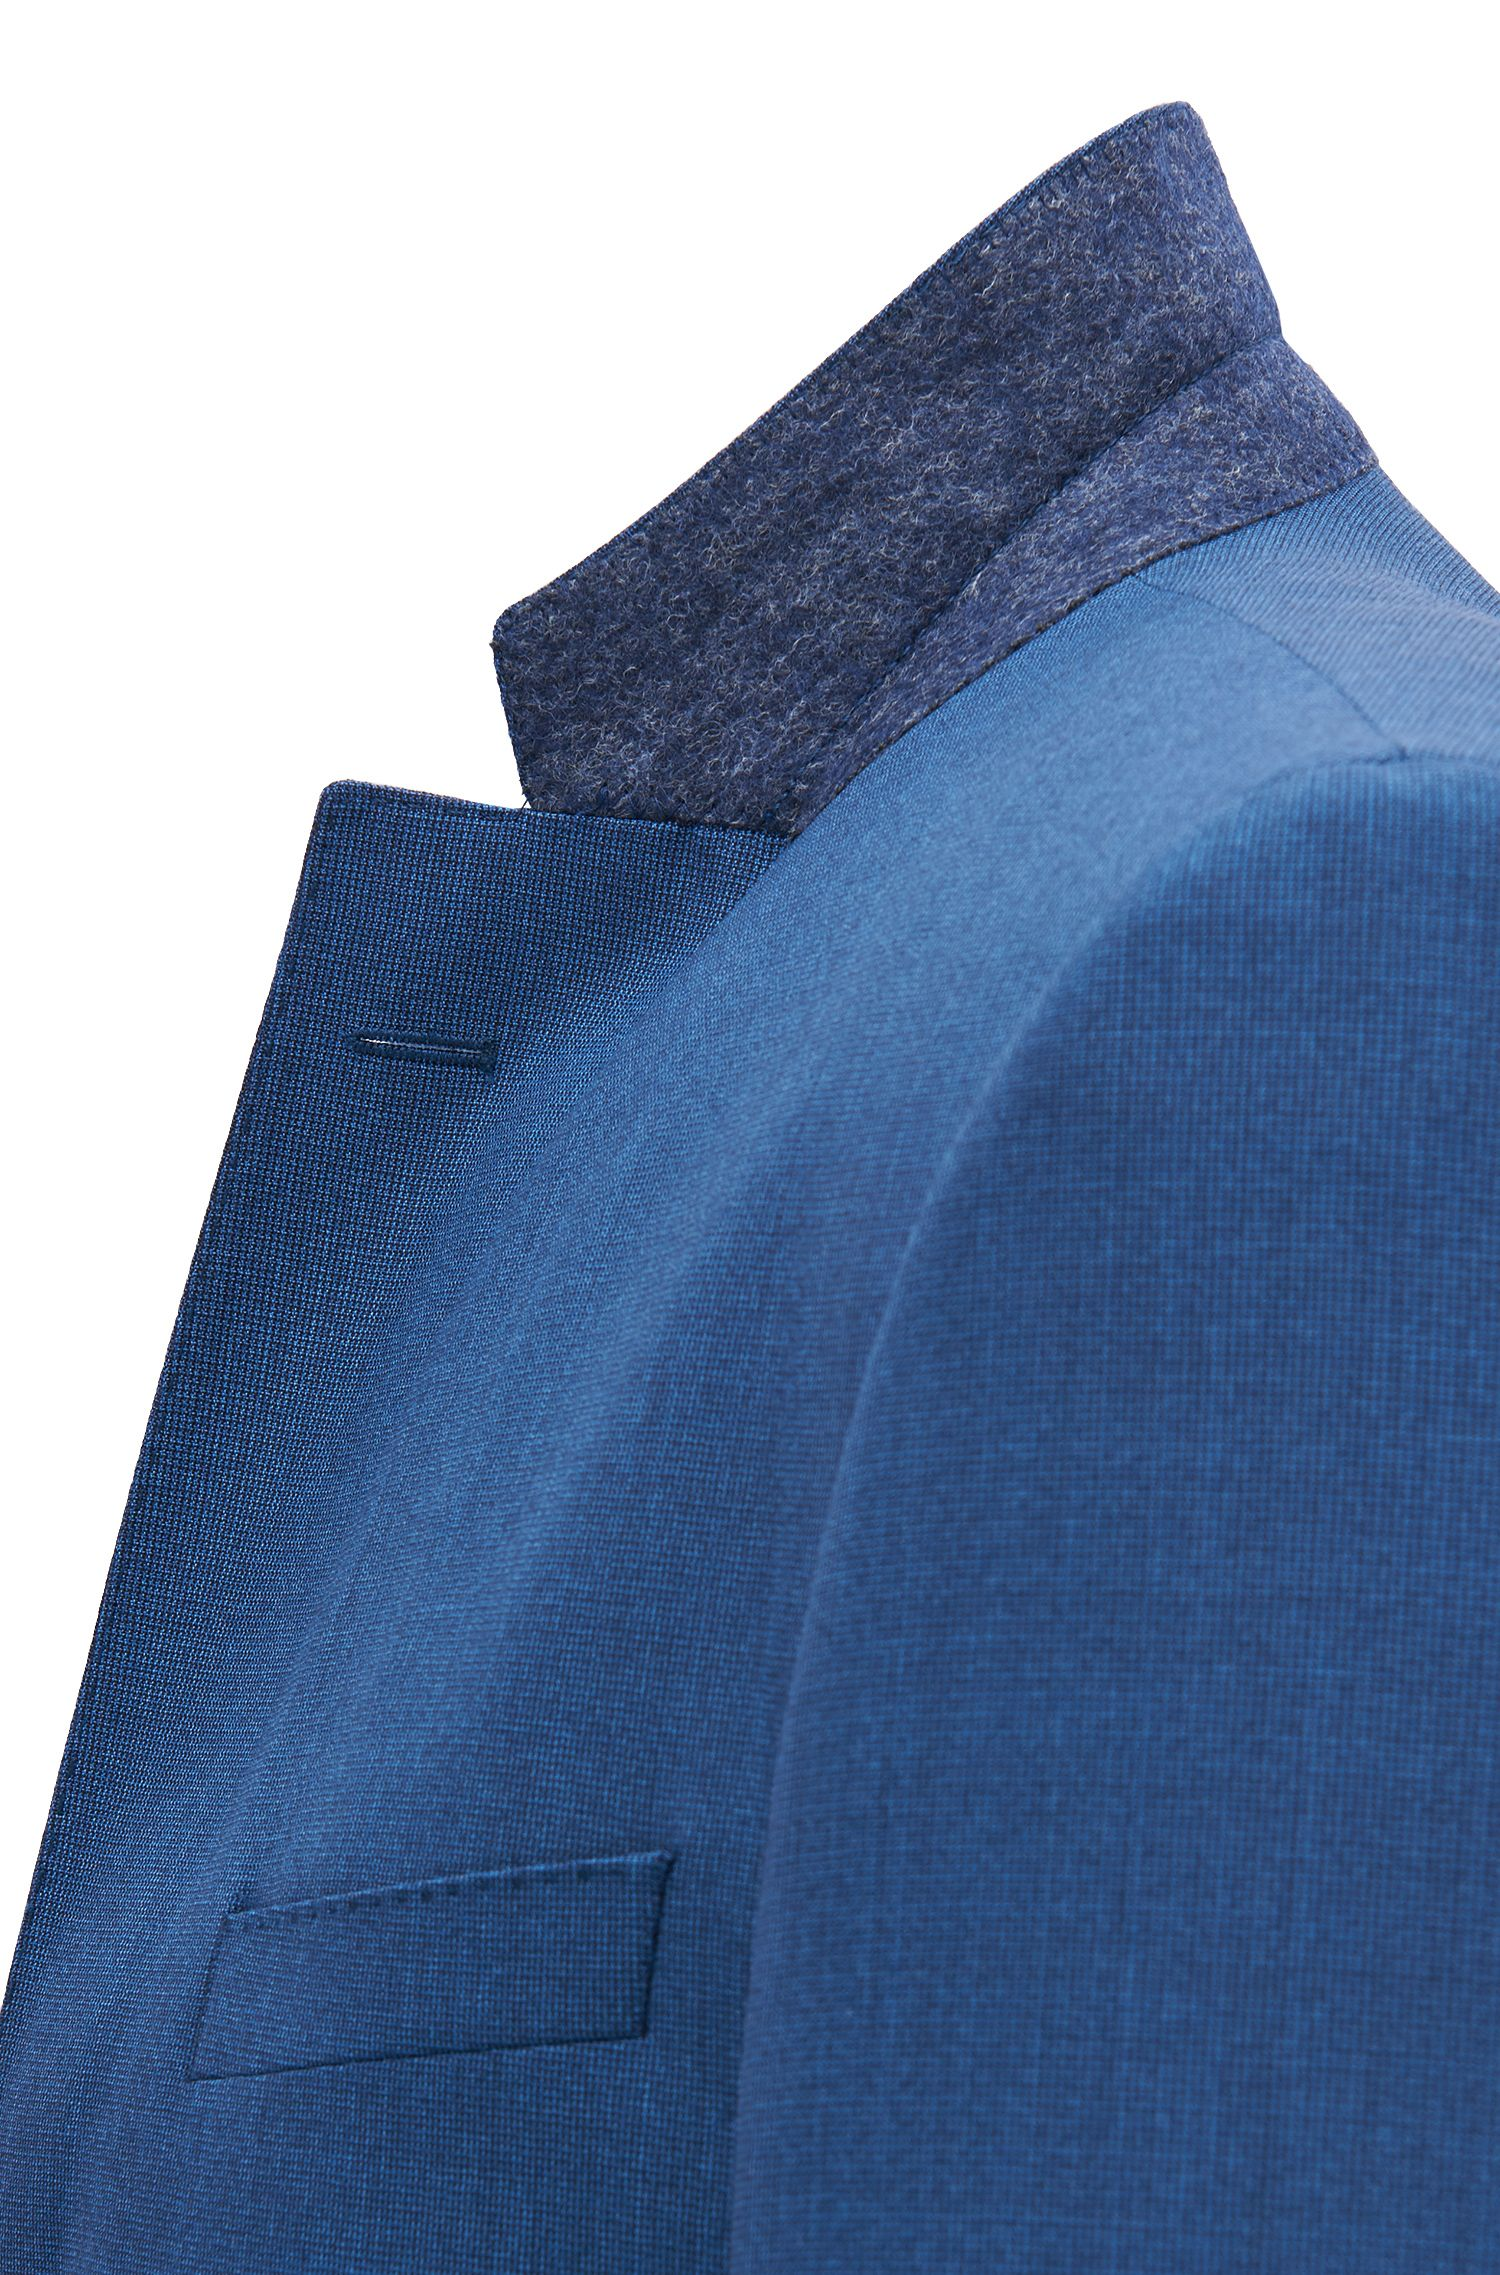 Traje con chaleco slim fit en lana virgen teñida en hilo